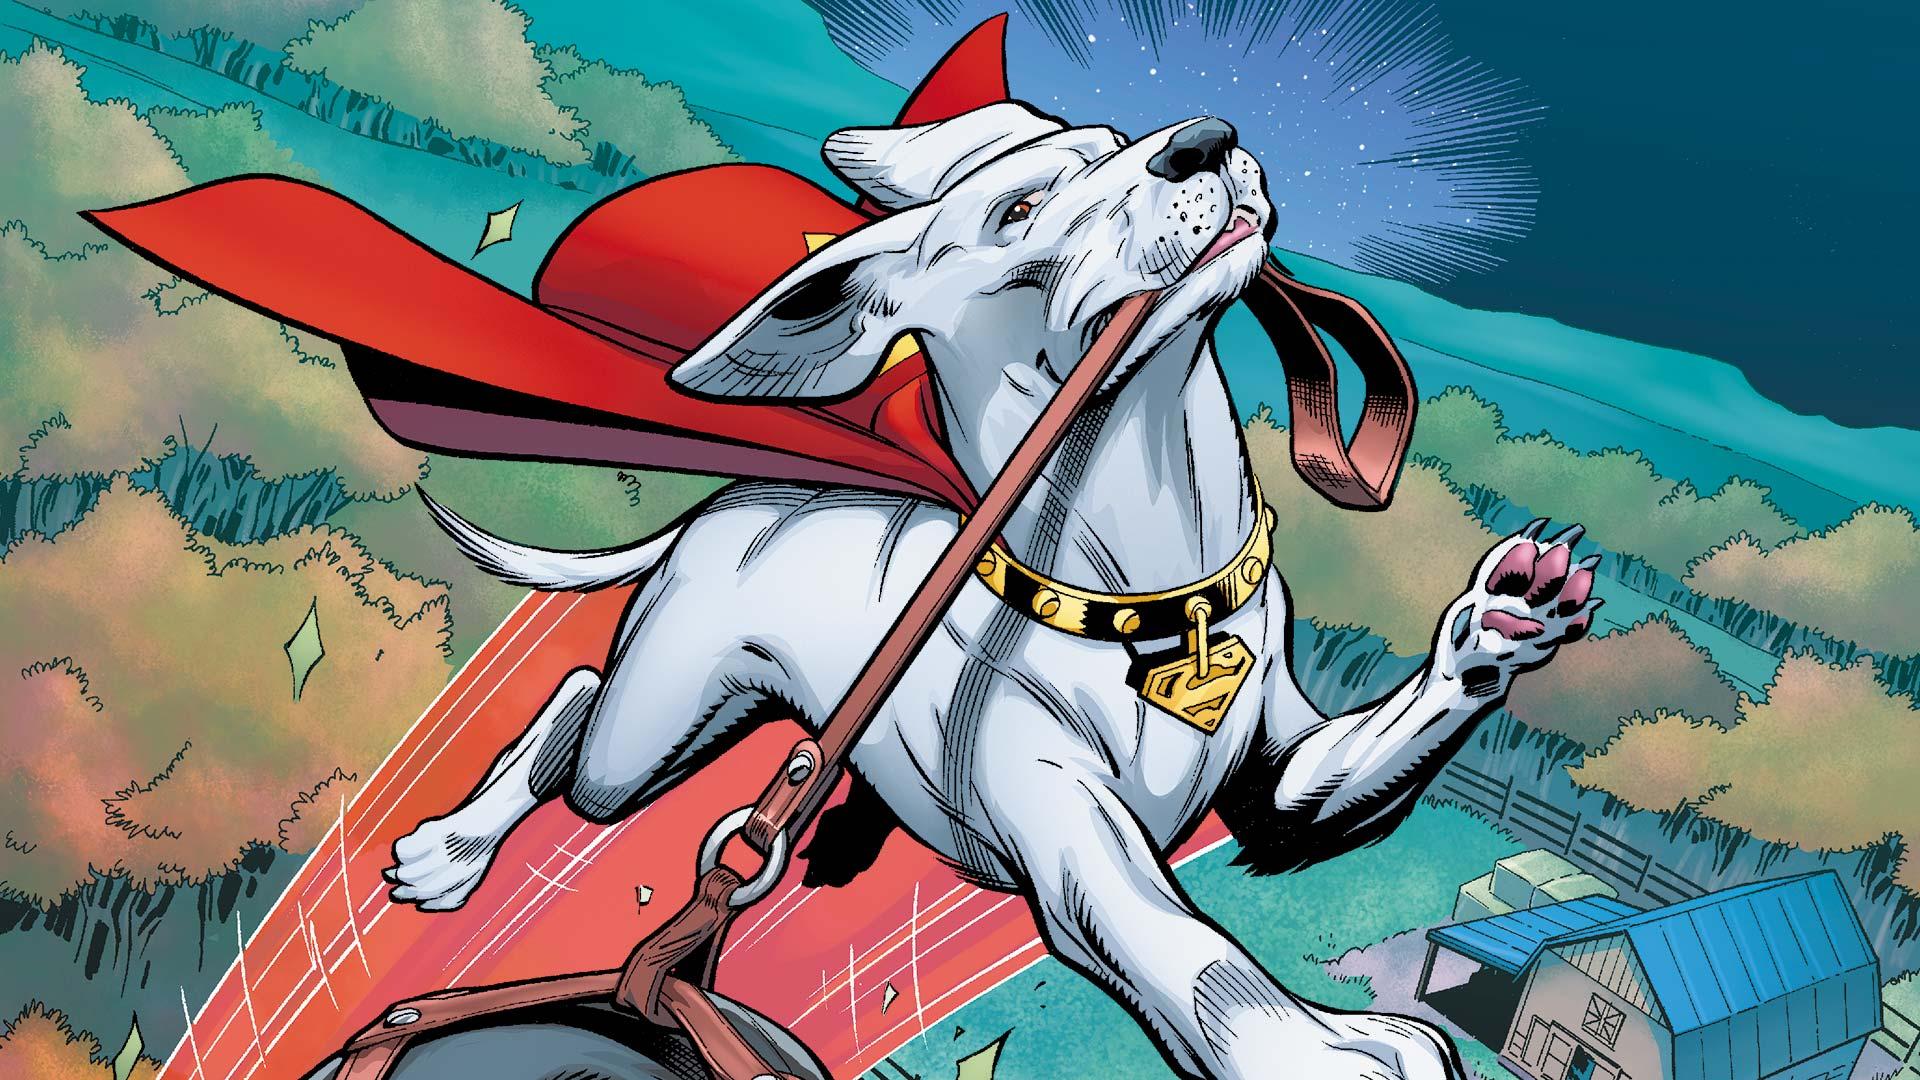 Krypto, Superman's dog